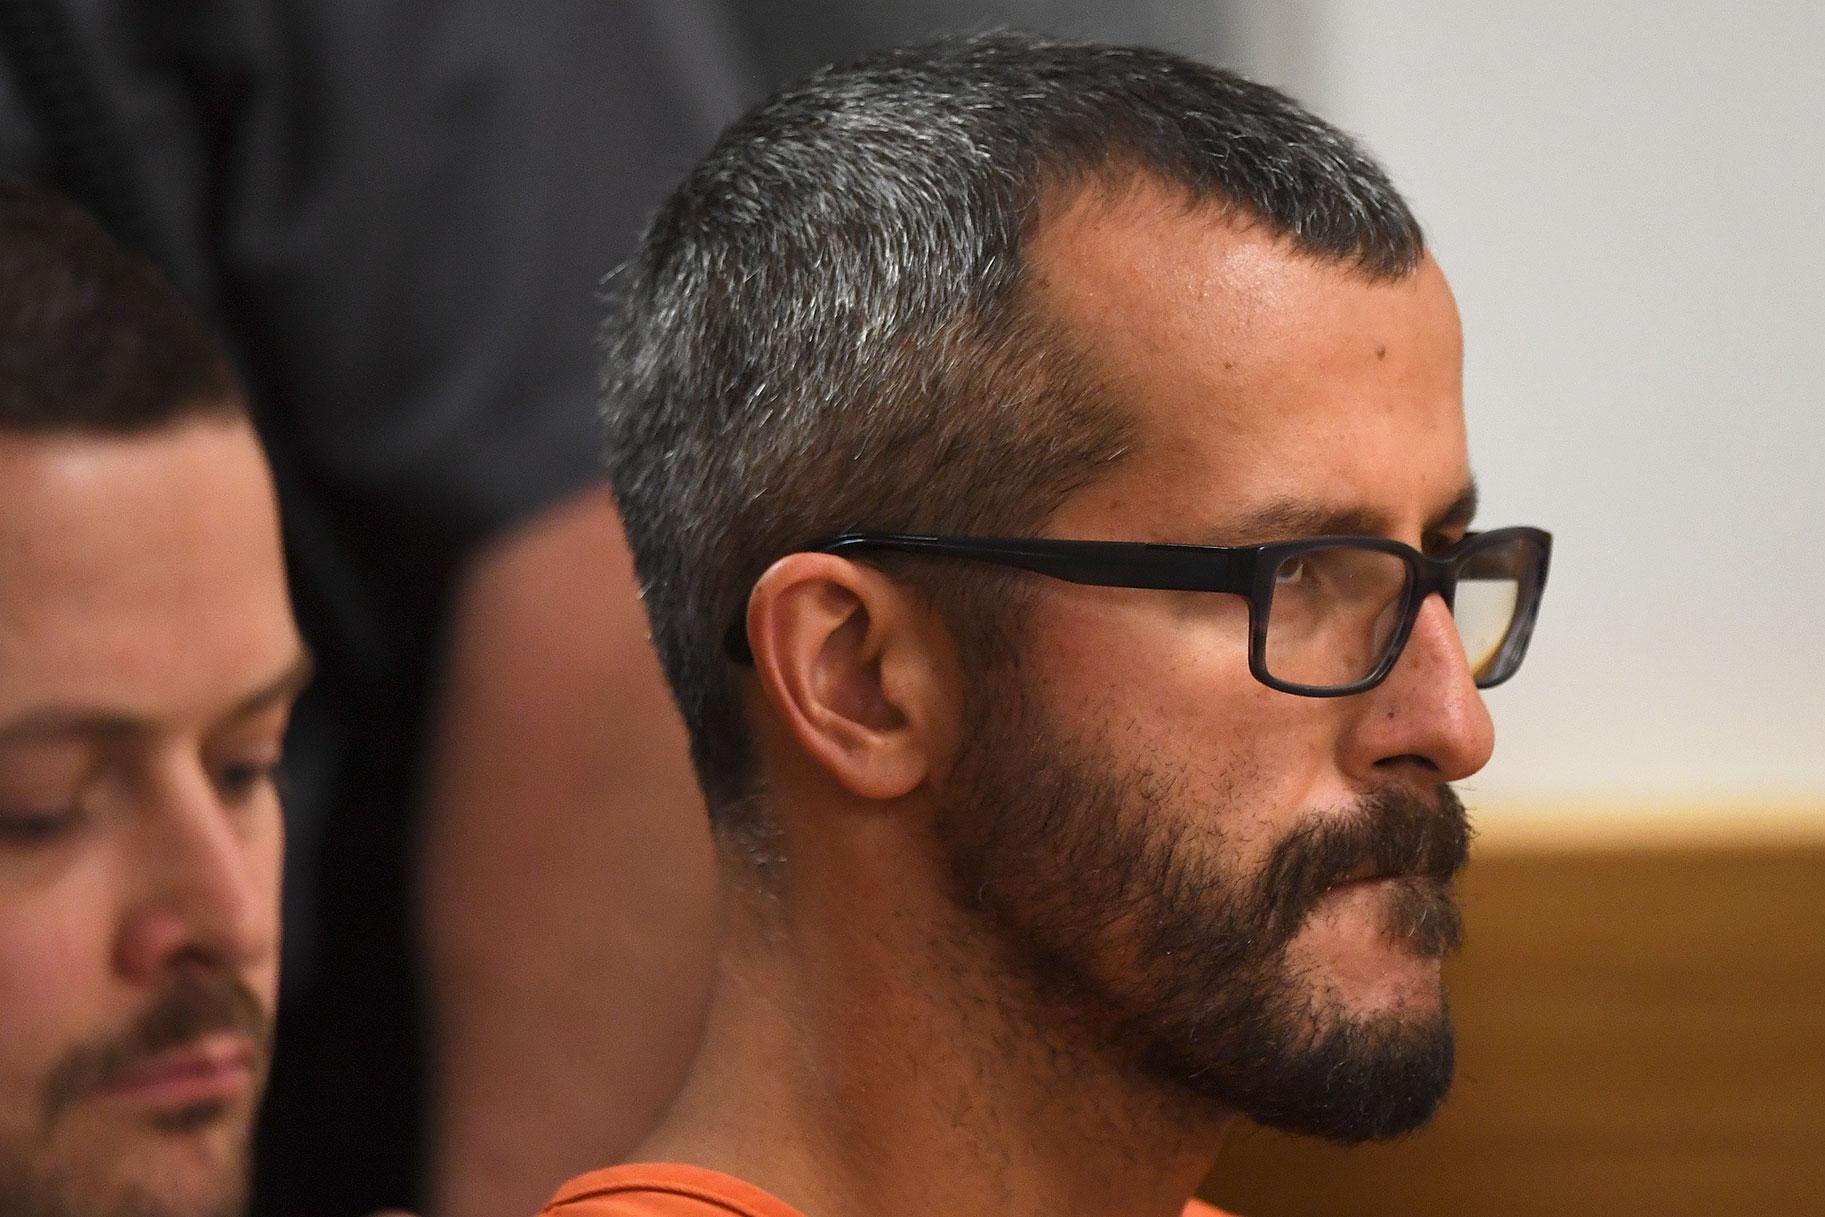 'Jeg har grædt mere for dem end han har' Efterforsker åbner sig om Chris Watts sag